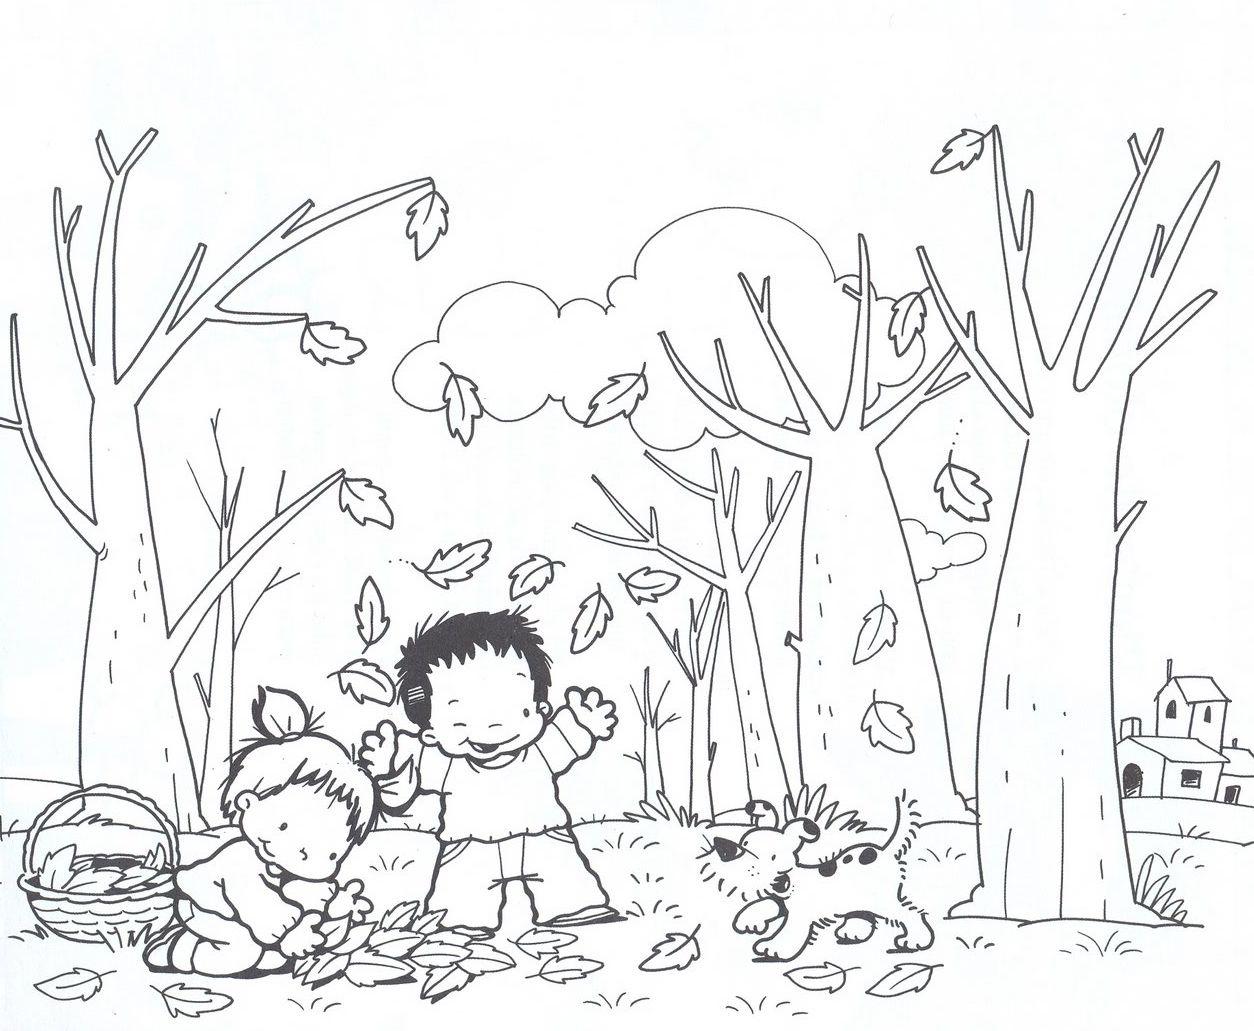 Dibujos de mandalas e imágenes de otoño para colorear ¡Bienvenido ...